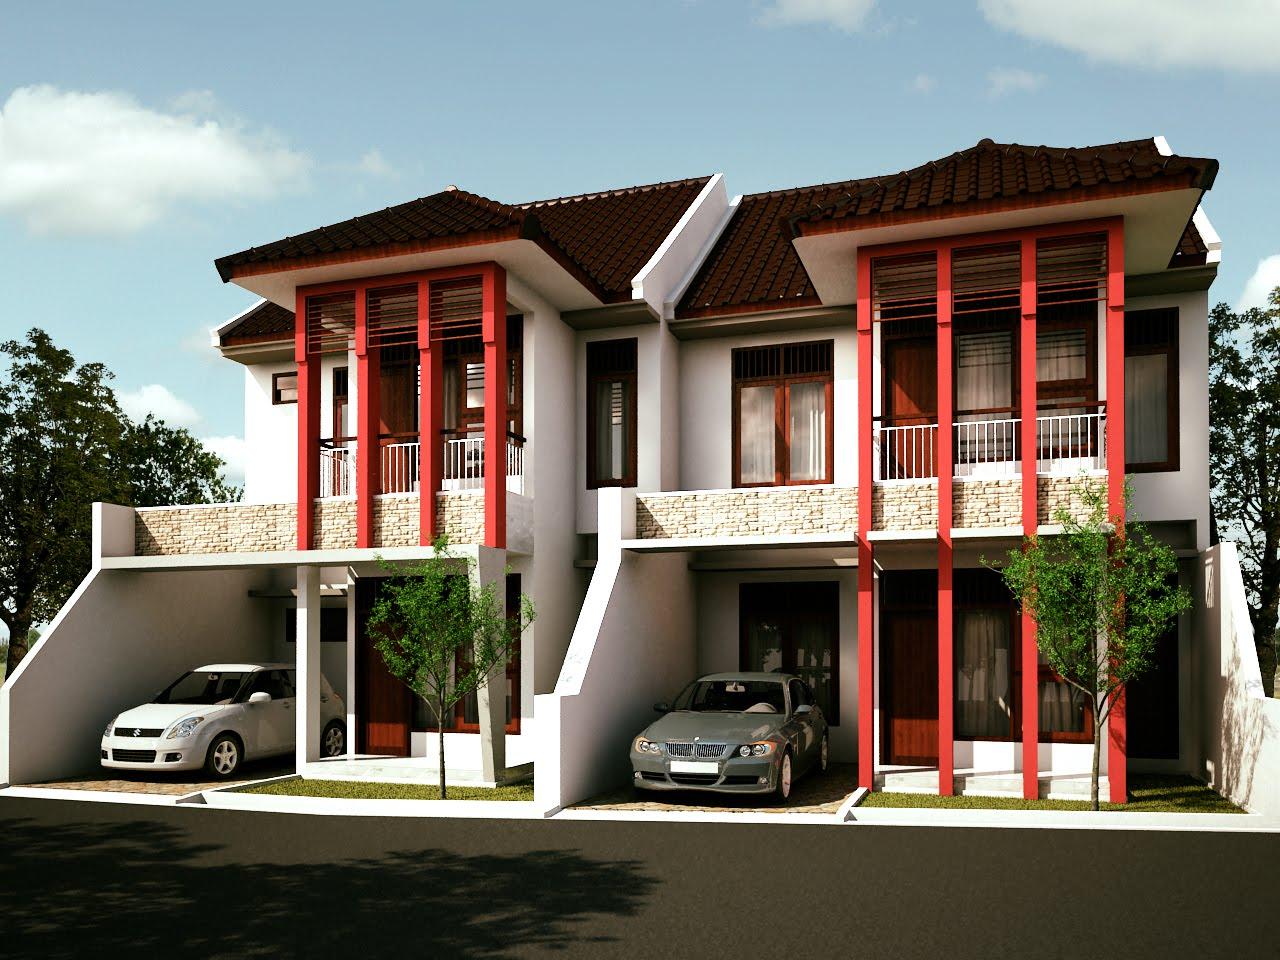 gambardesain3d Download gratis Gambar Kerja Rumah 2 Lantai